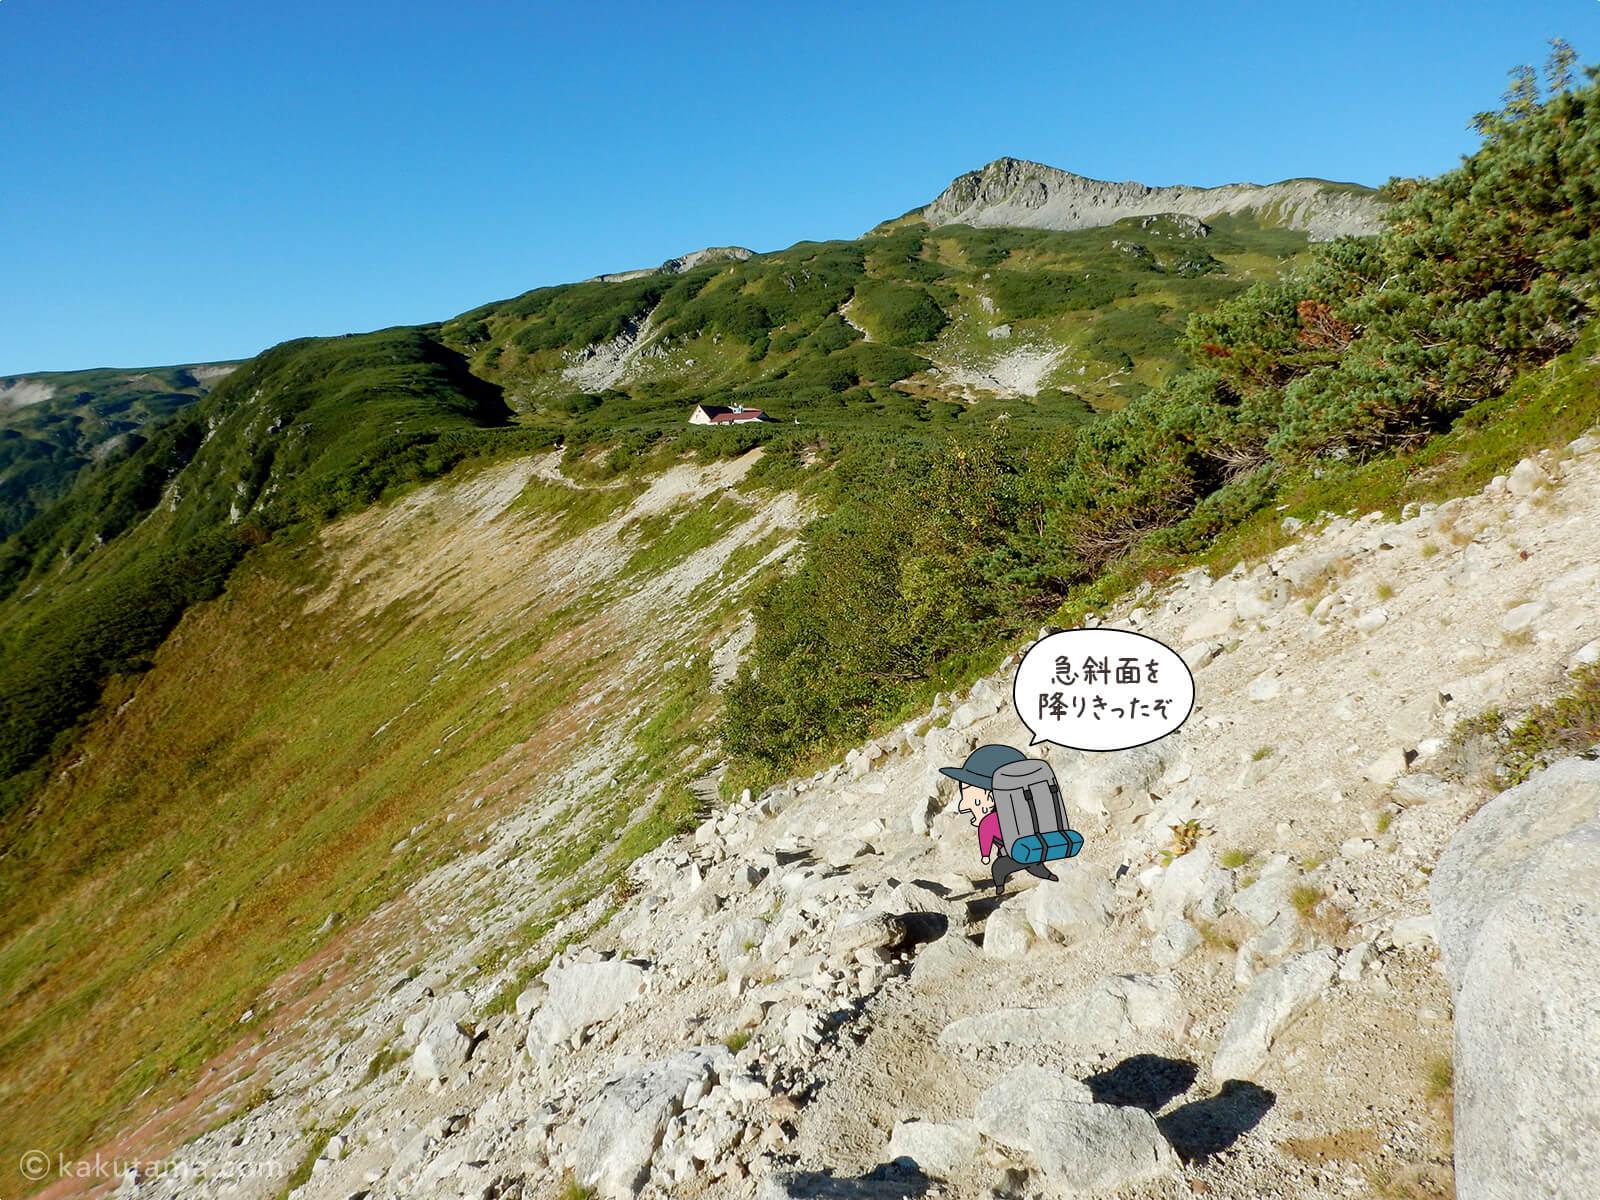 鷲羽岳の急な下りを降りきった